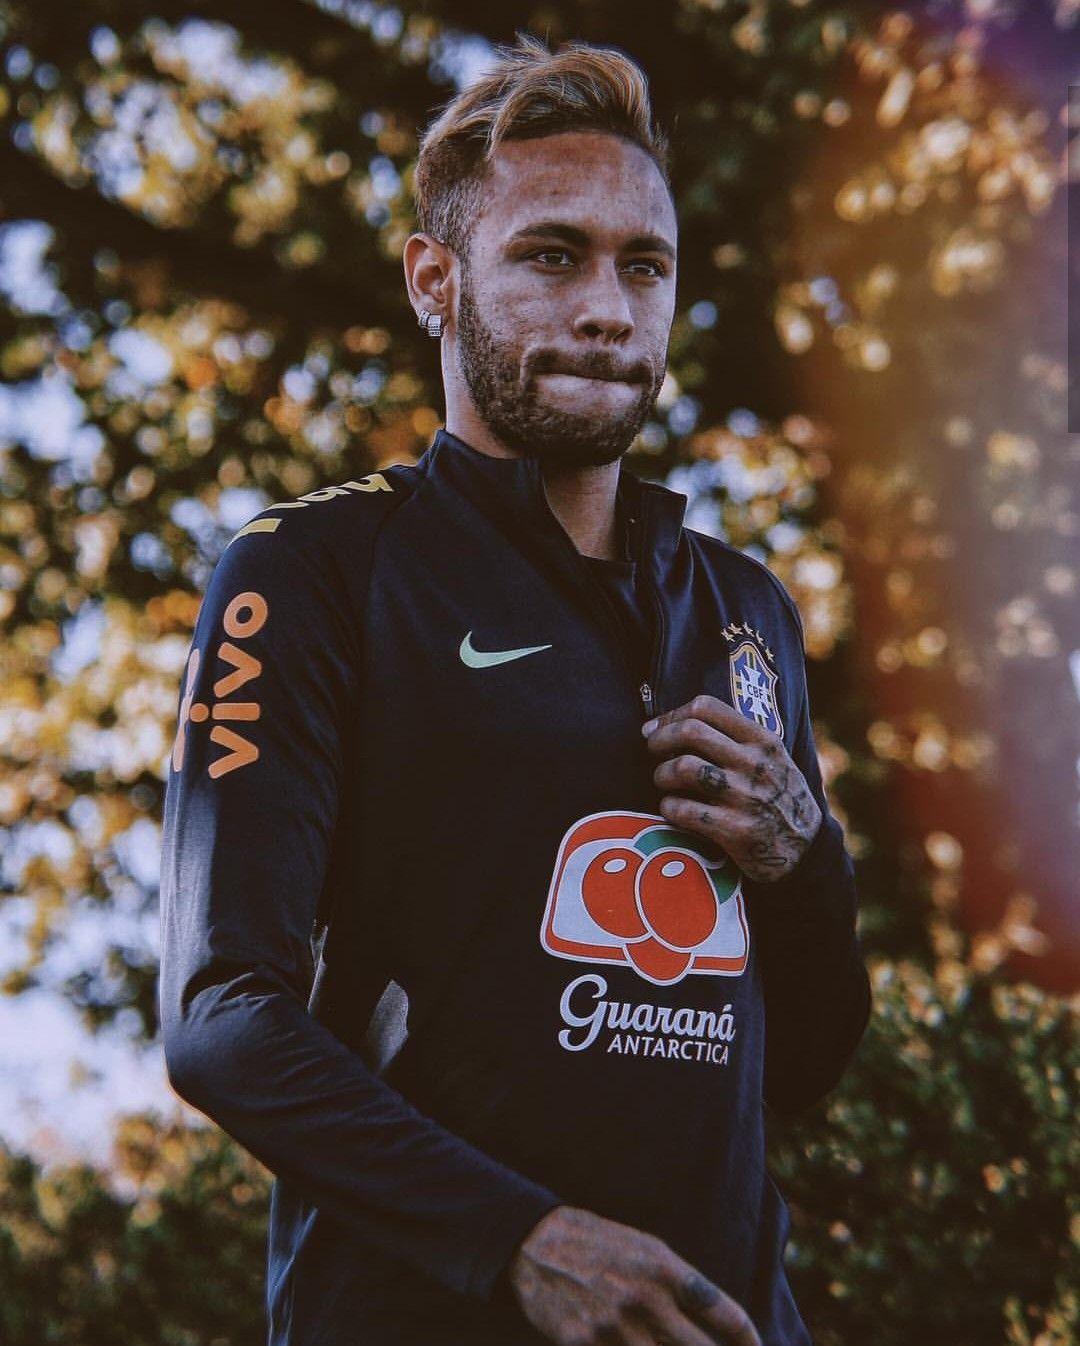 Pin by Hoang Chau on ⚽️Neymar Jr⚽️ Neymar jr, Neymar